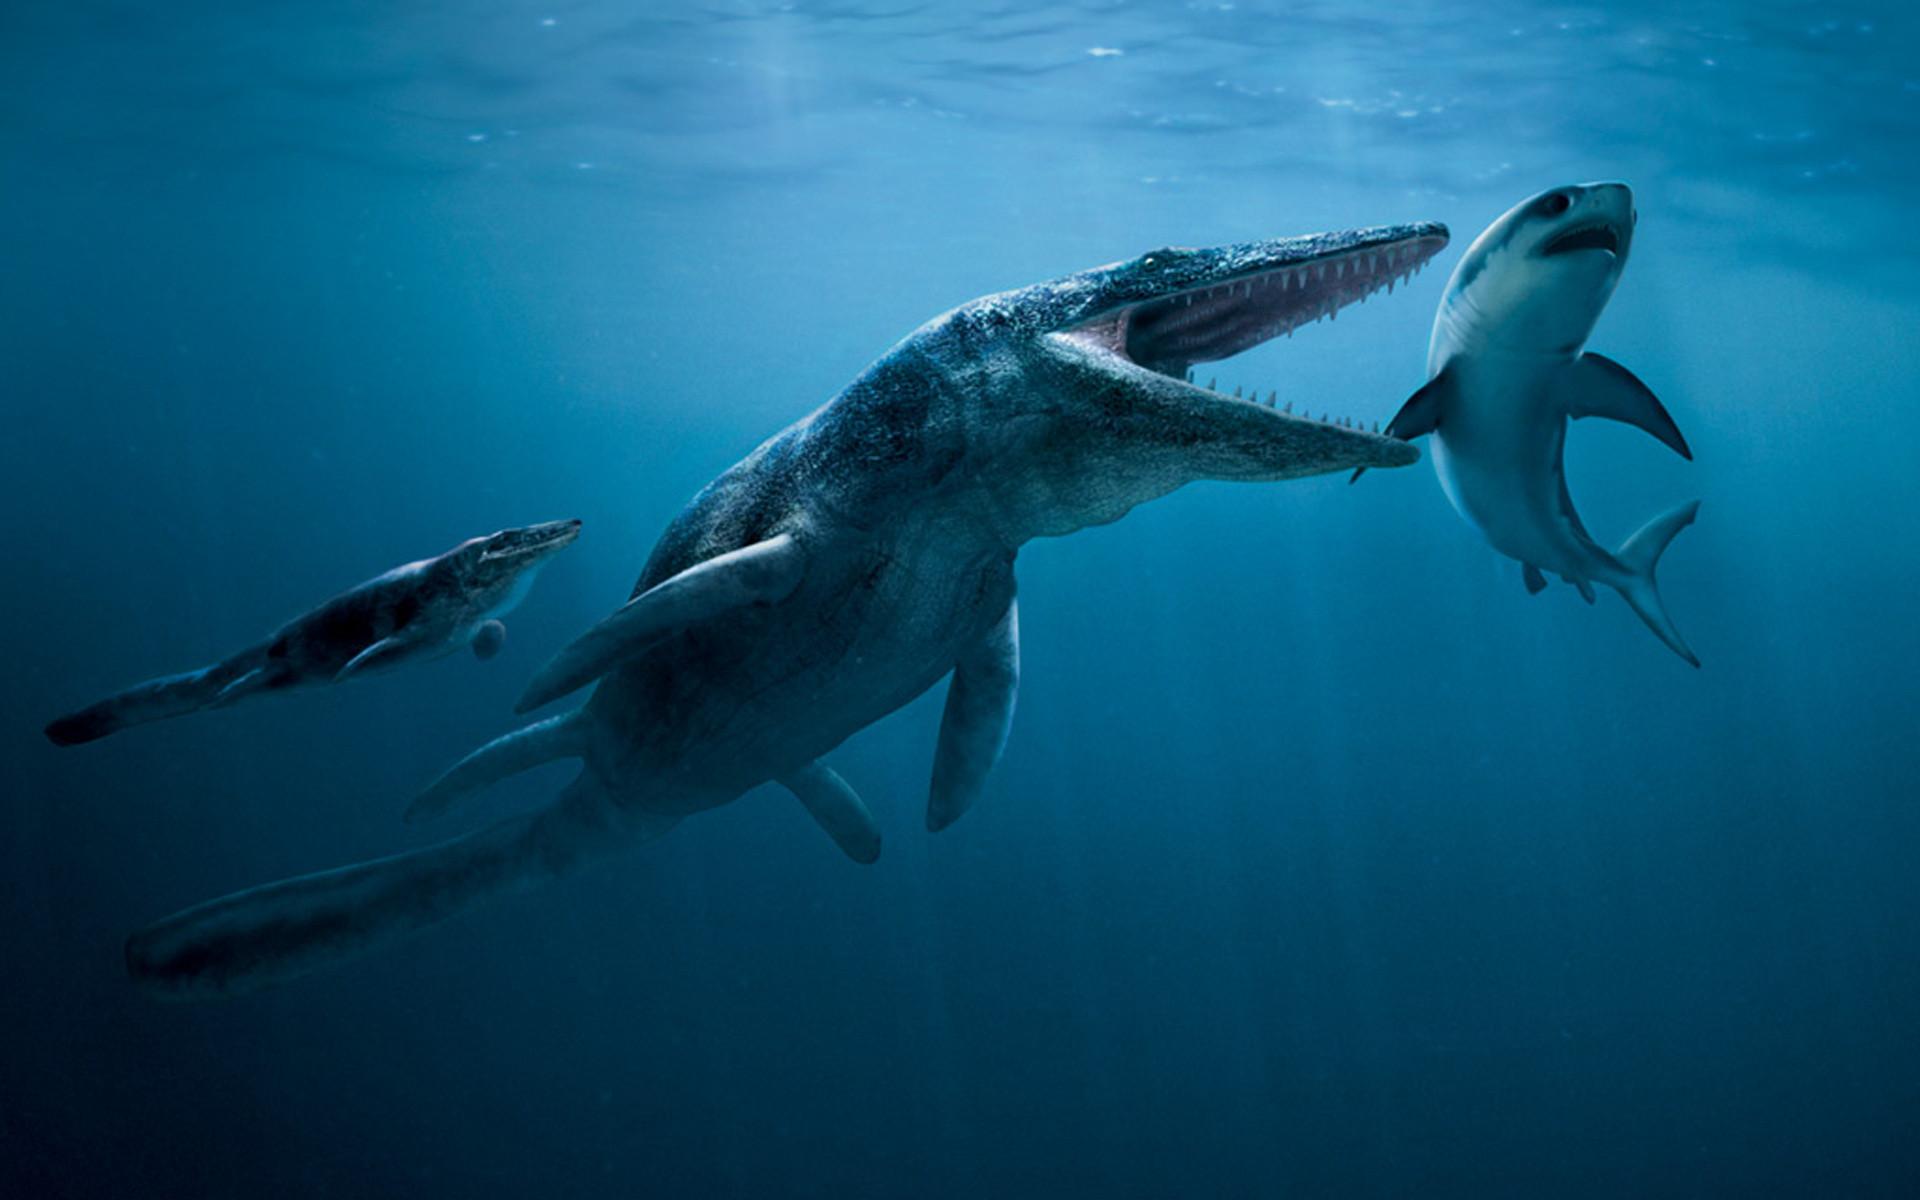 Dinosaur Wallpaper #4: Prehistoric Ocean Floor